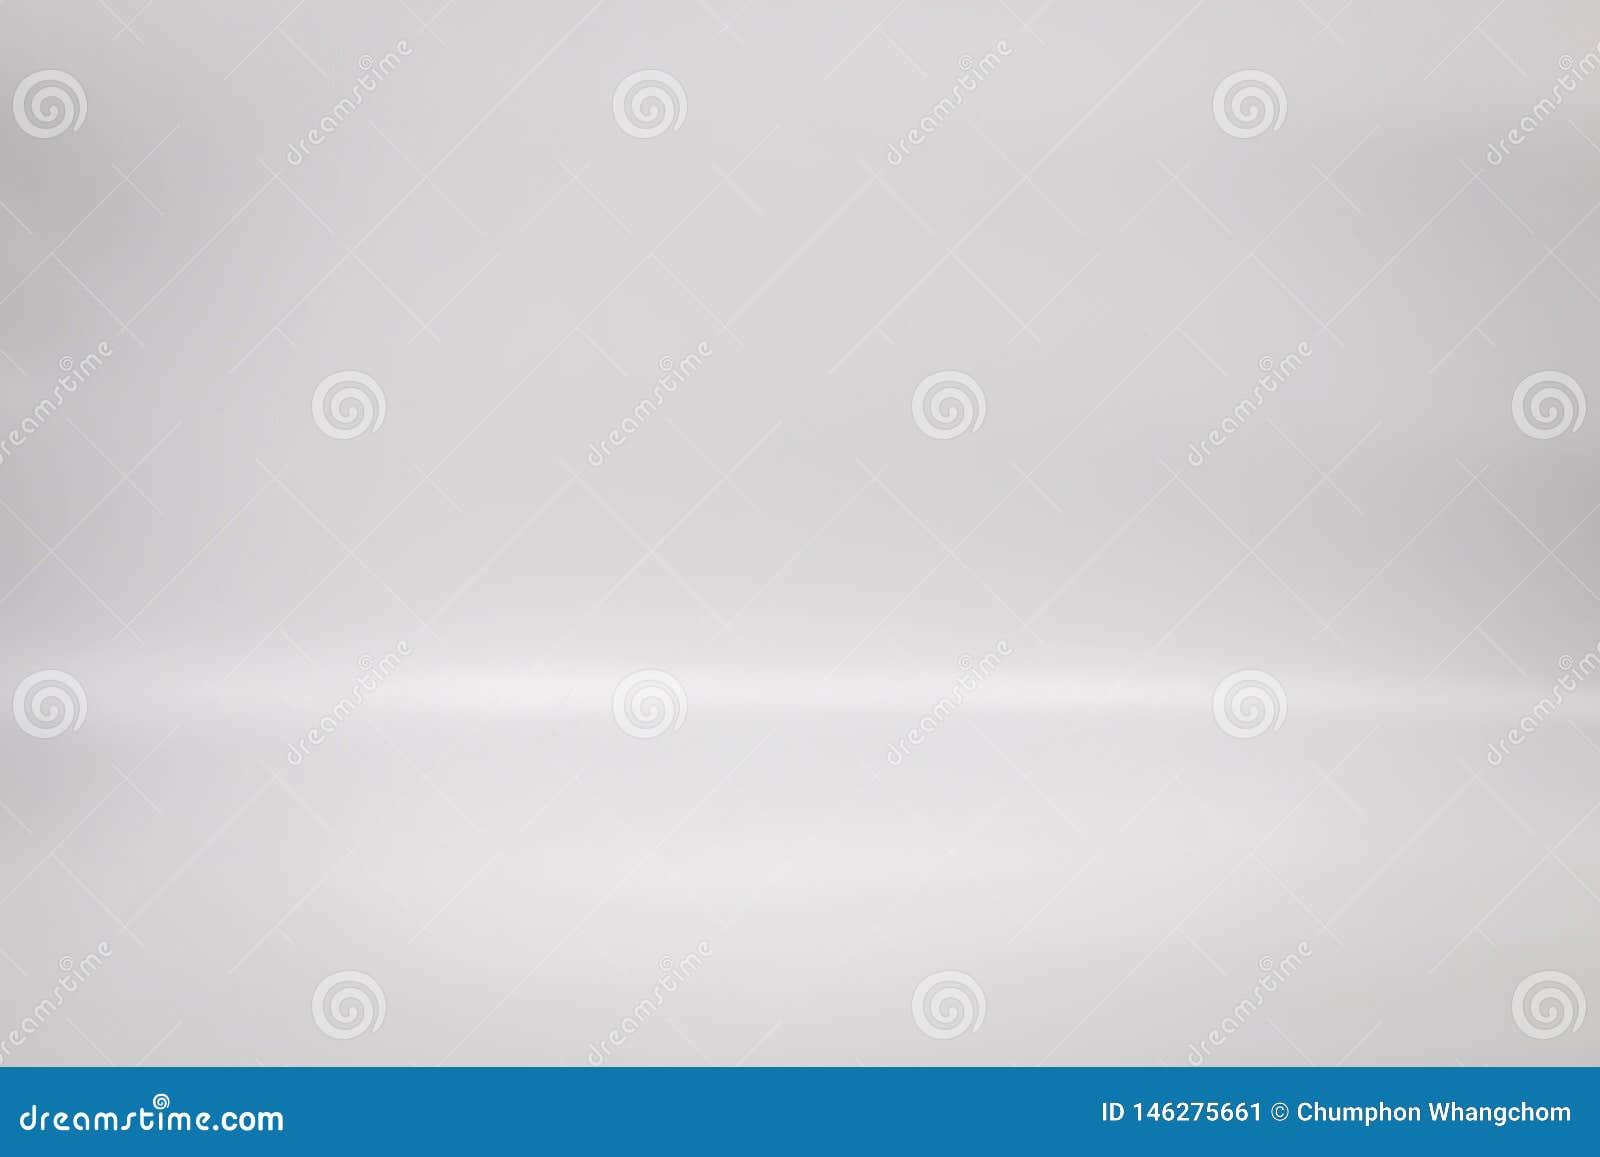 Άσπρο σκηνικό για το προϊόν σας Υπόβαθρο πατωμάτων στούντιο Κενή εσωτερική γκρίζα σκηνή